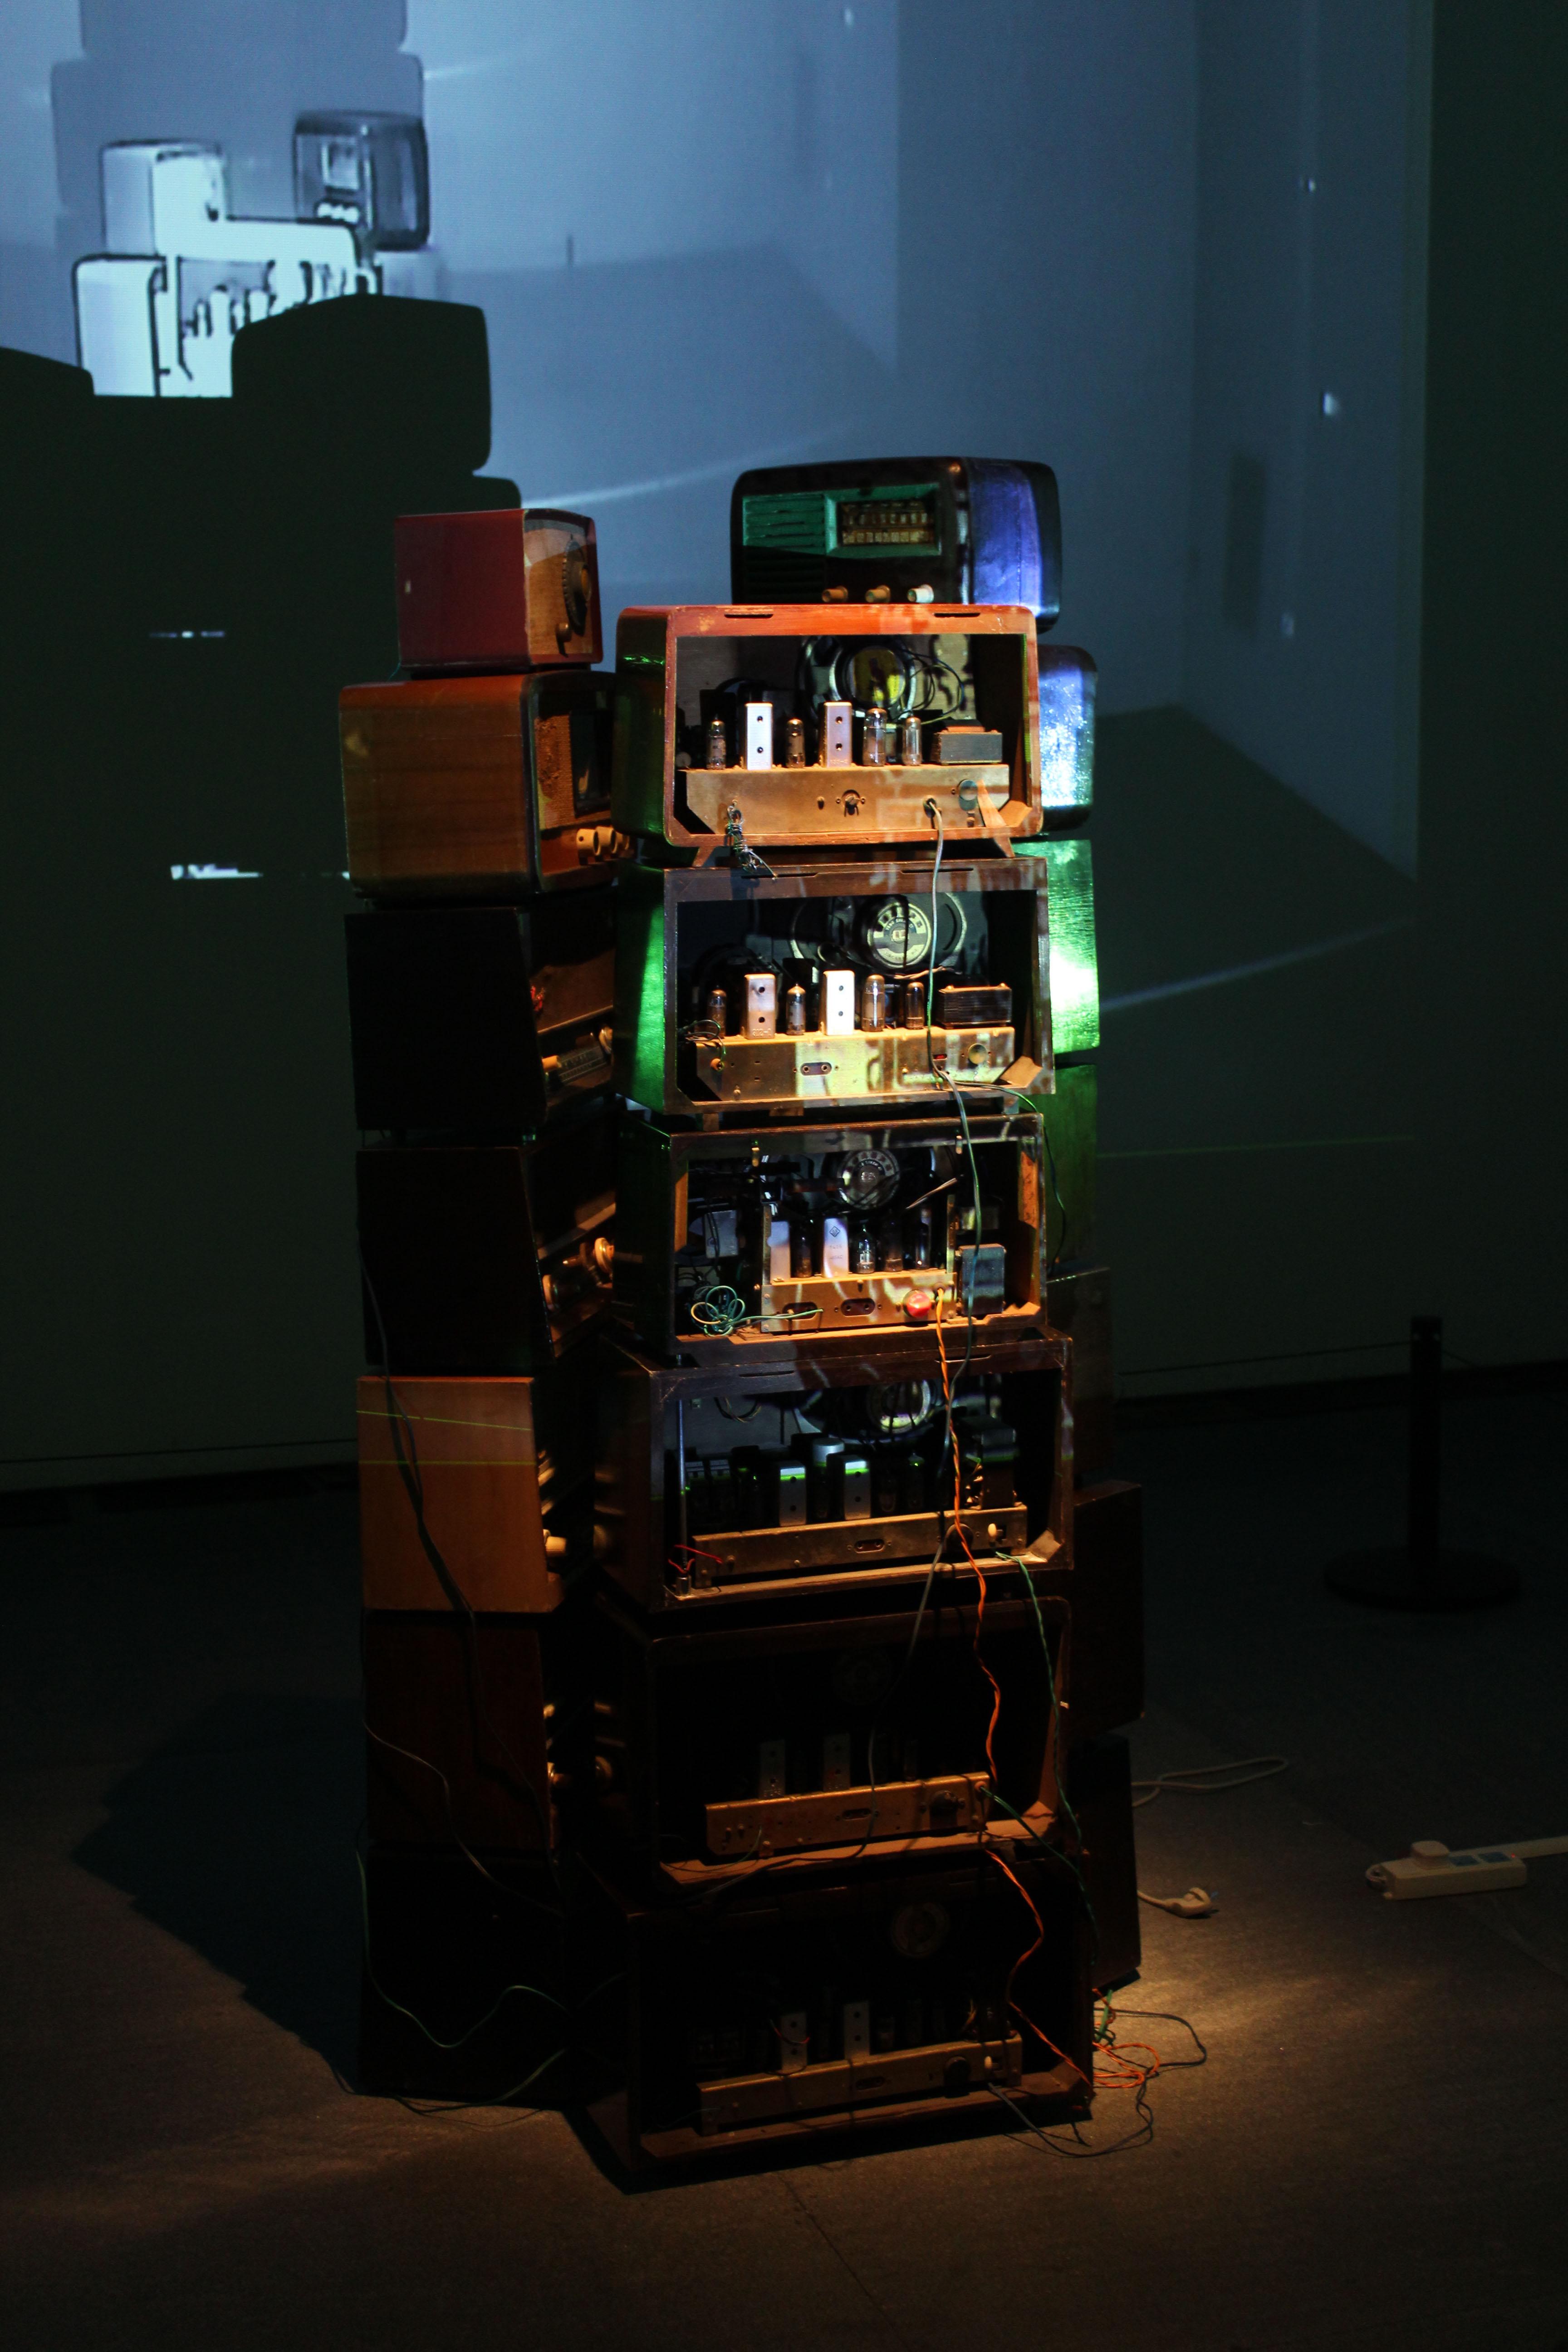 声音之塔-180x70x70cm-旧收音机-